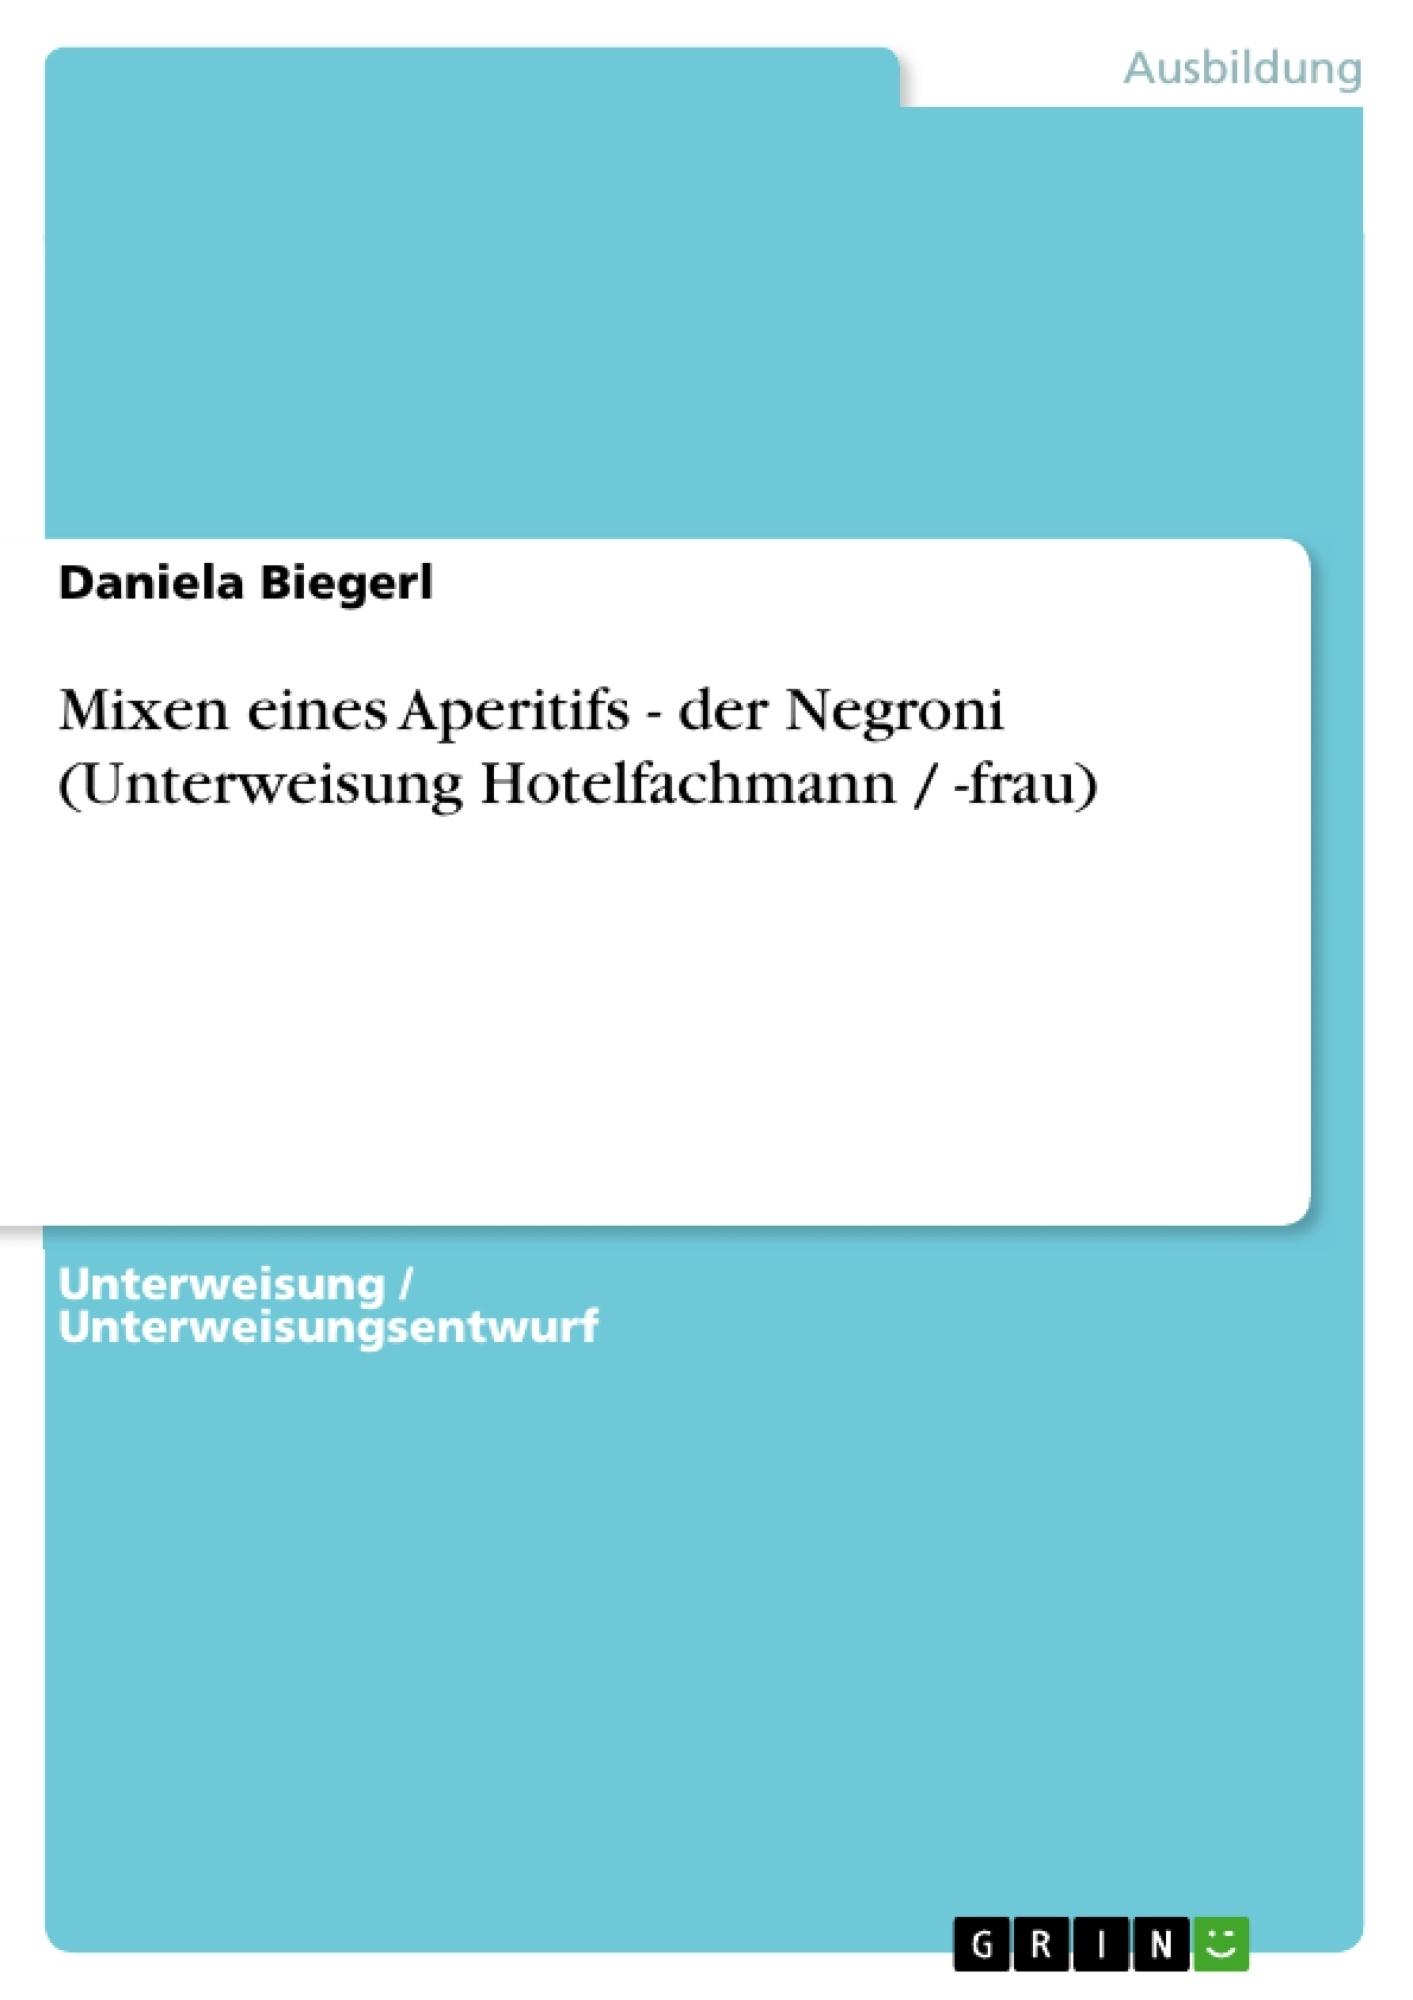 Titel: Mixen eines Aperitifs - der Negroni (Unterweisung Hotelfachmann / -frau)